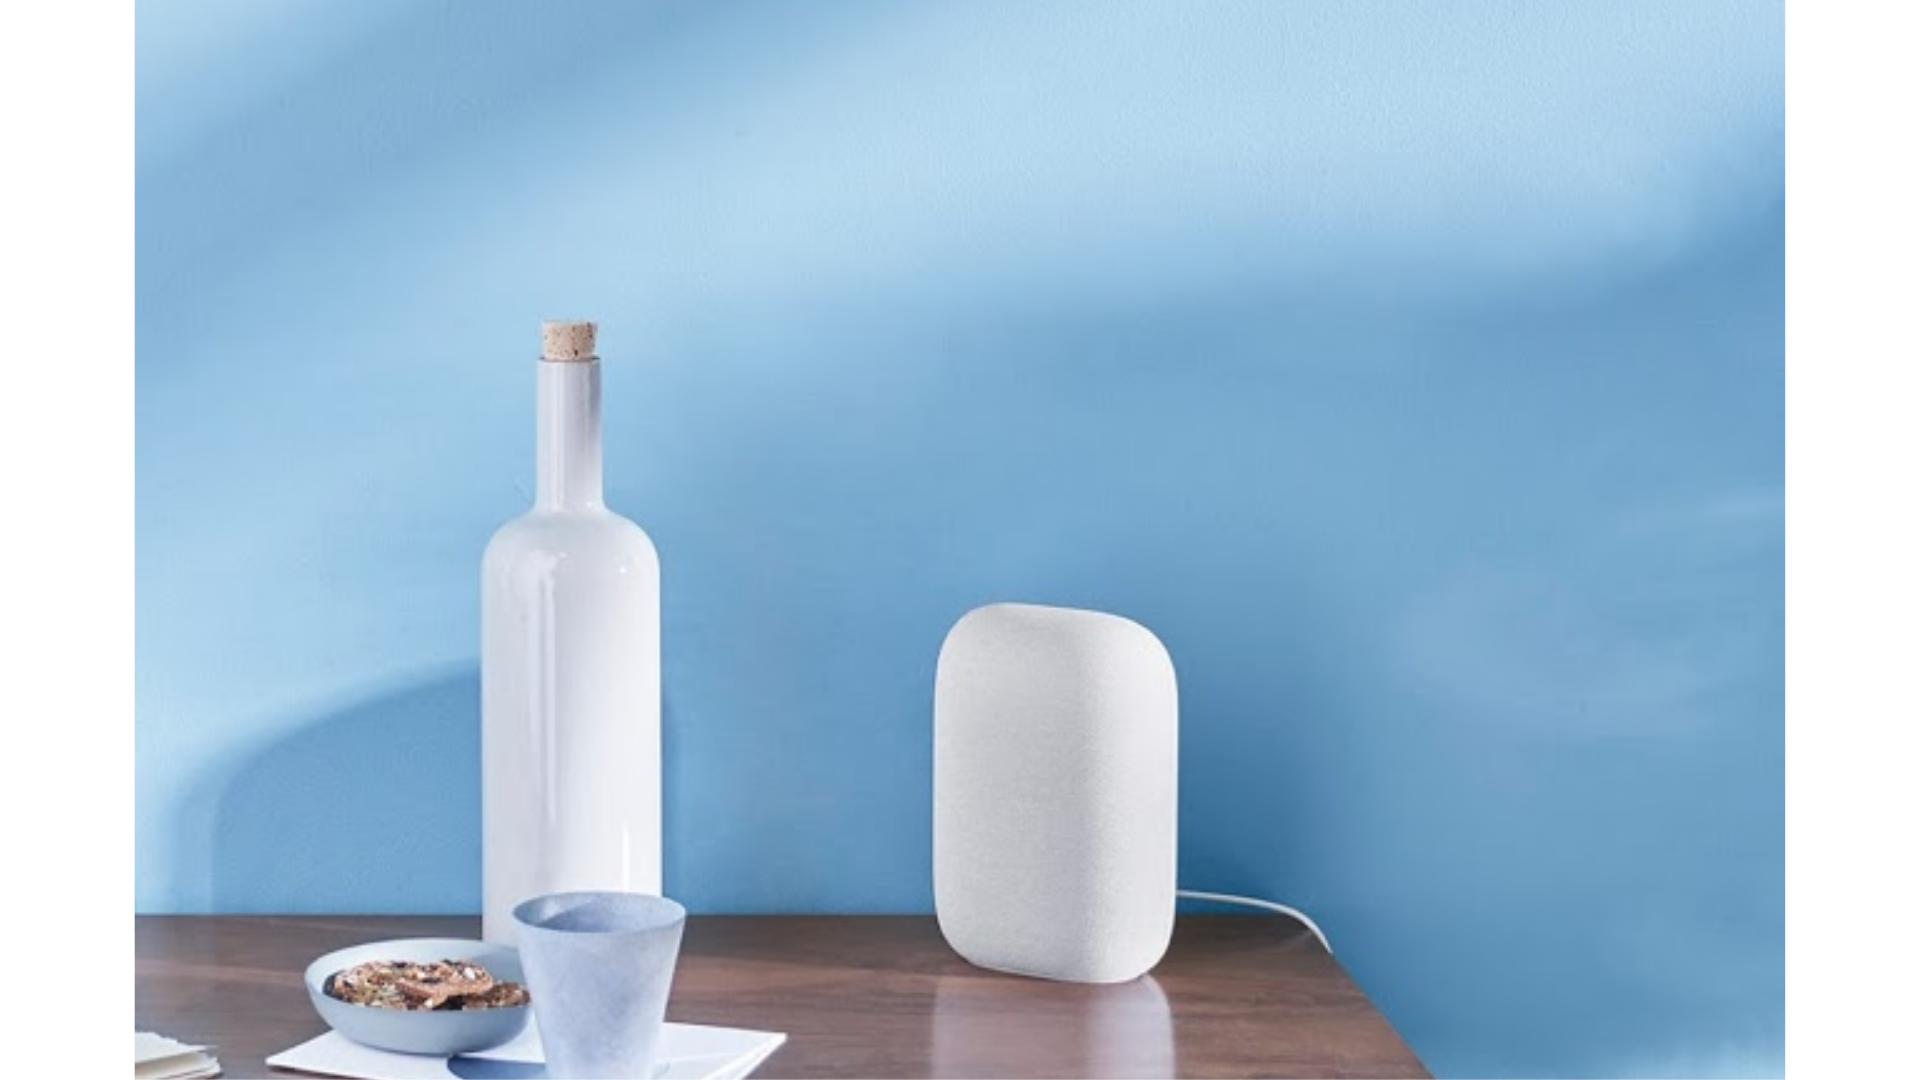 Google lança novo smart speaker no Brasil, o Nest Audio. (Imagem: Divulgação/Google)